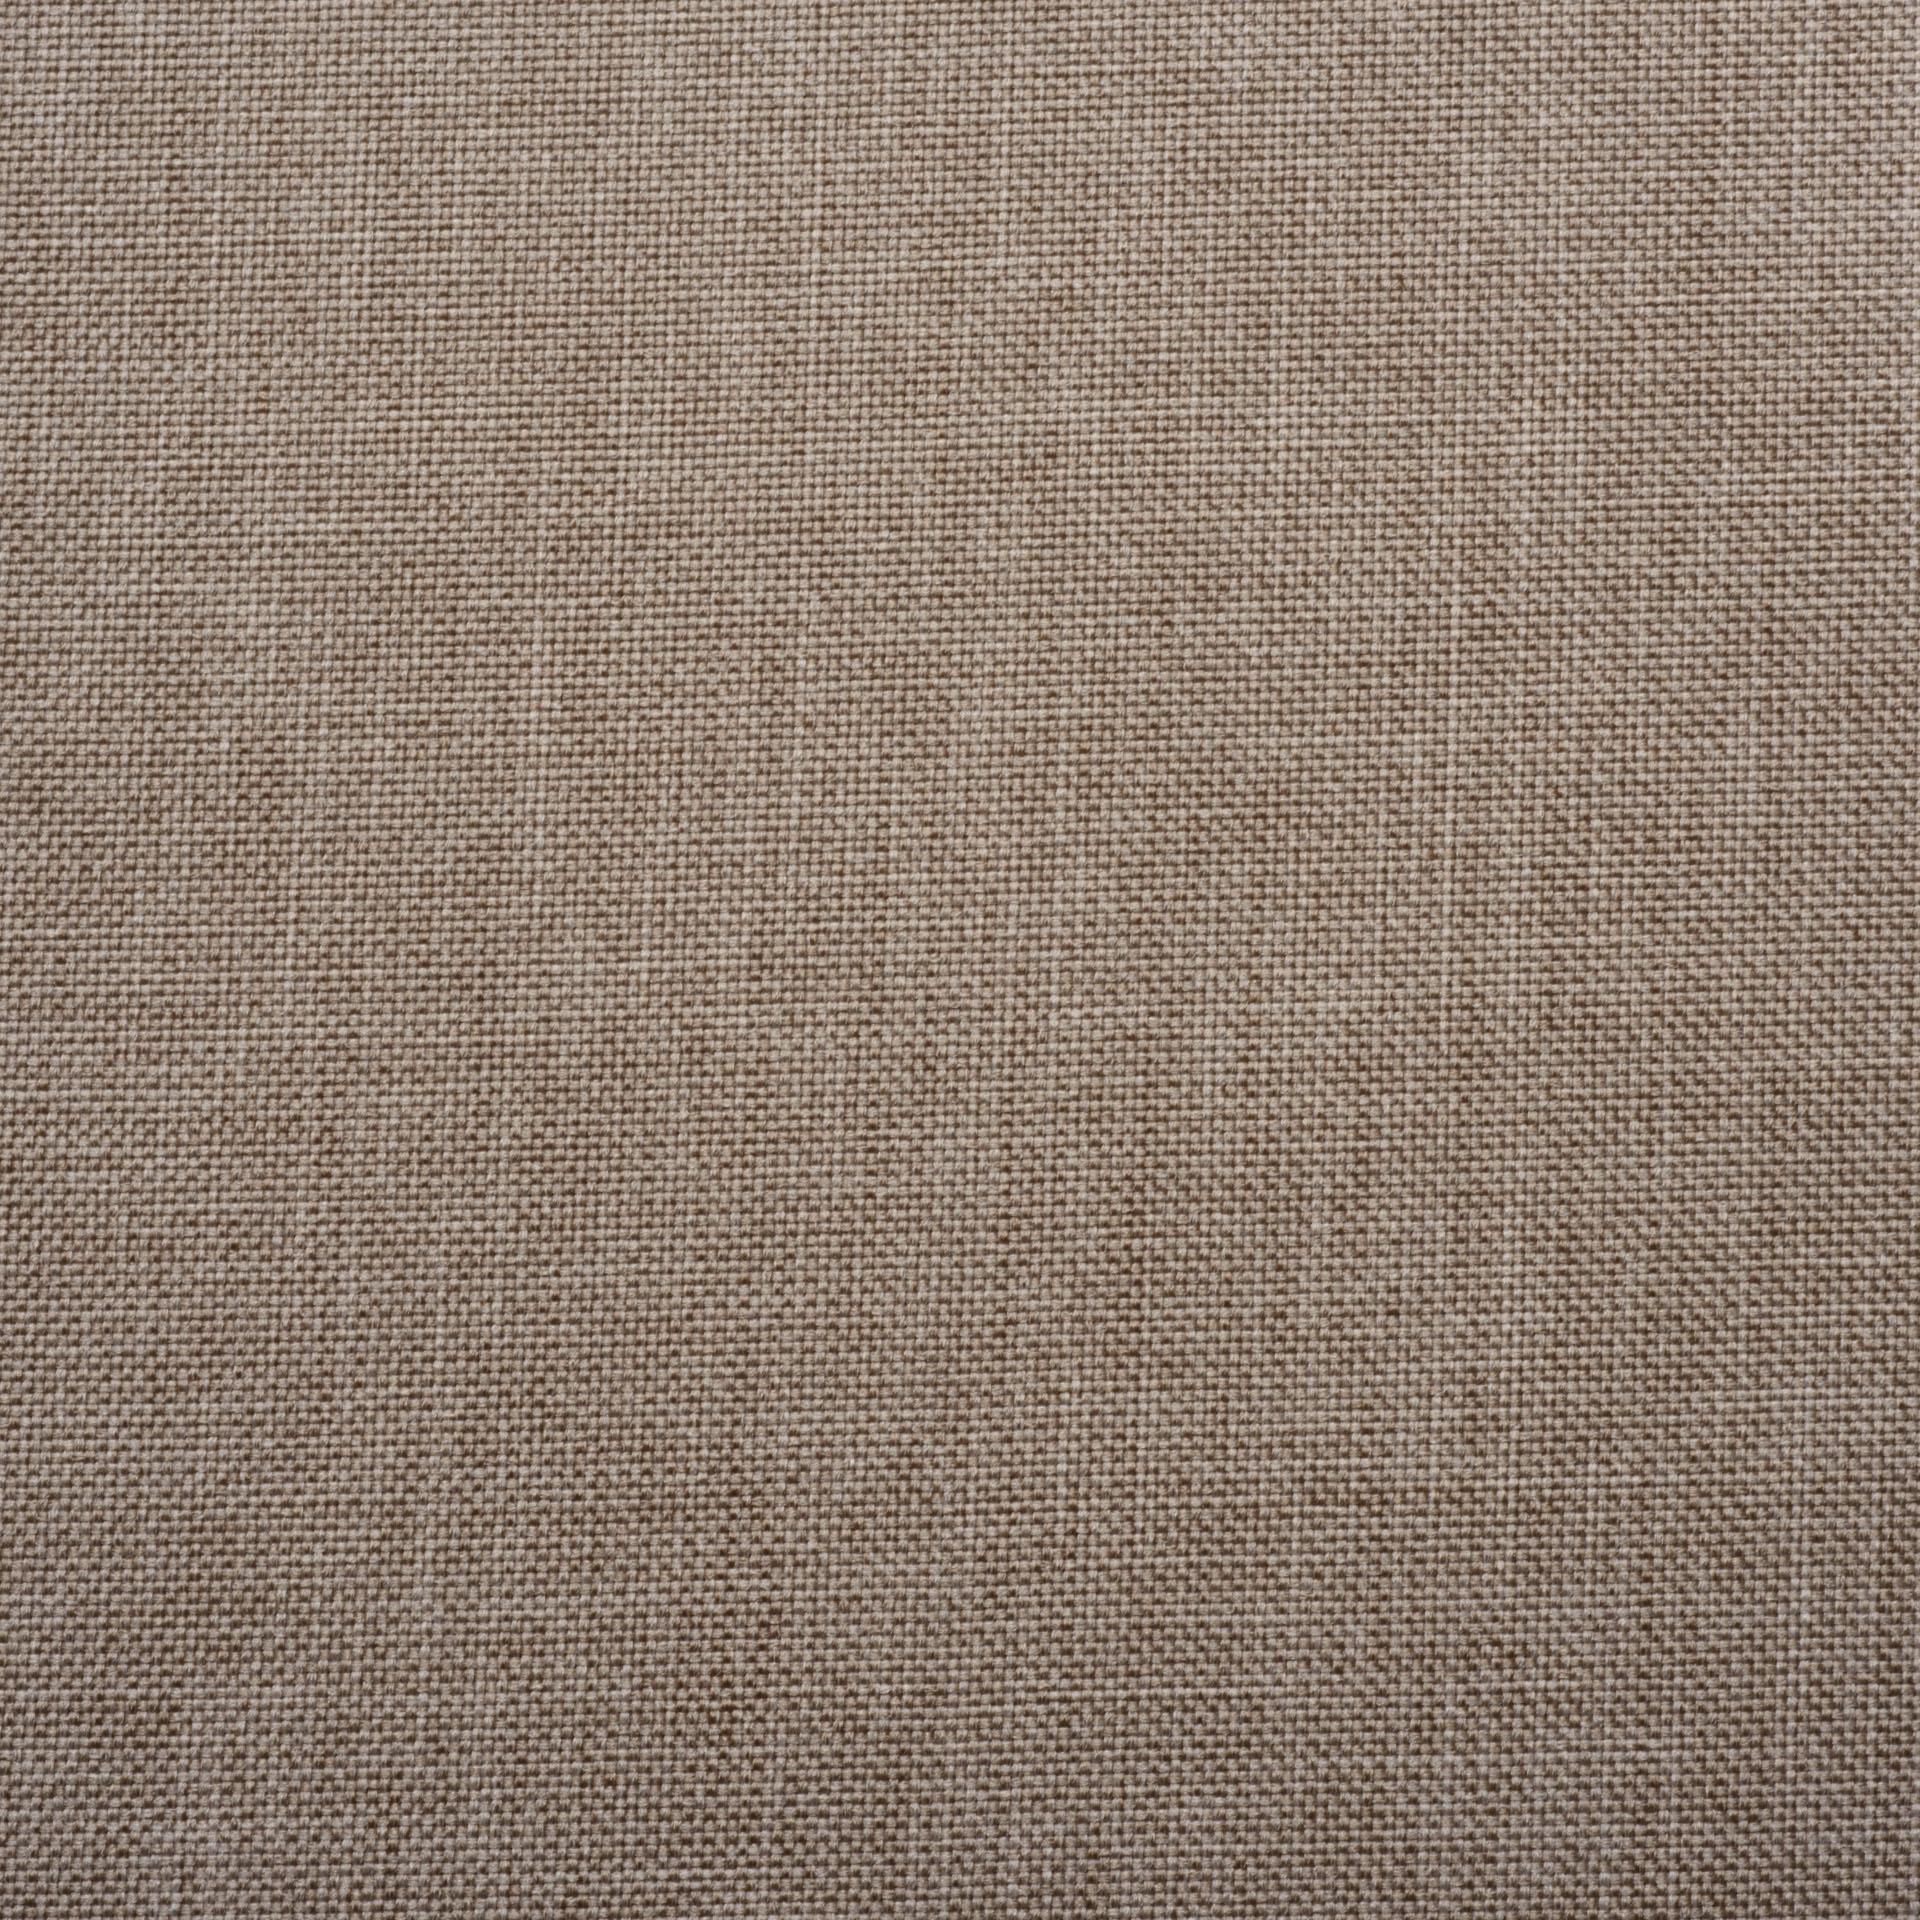 Коллекция ткани Саванна nova 01 Caramel,  купить ткань Жаккард для мебели Украина